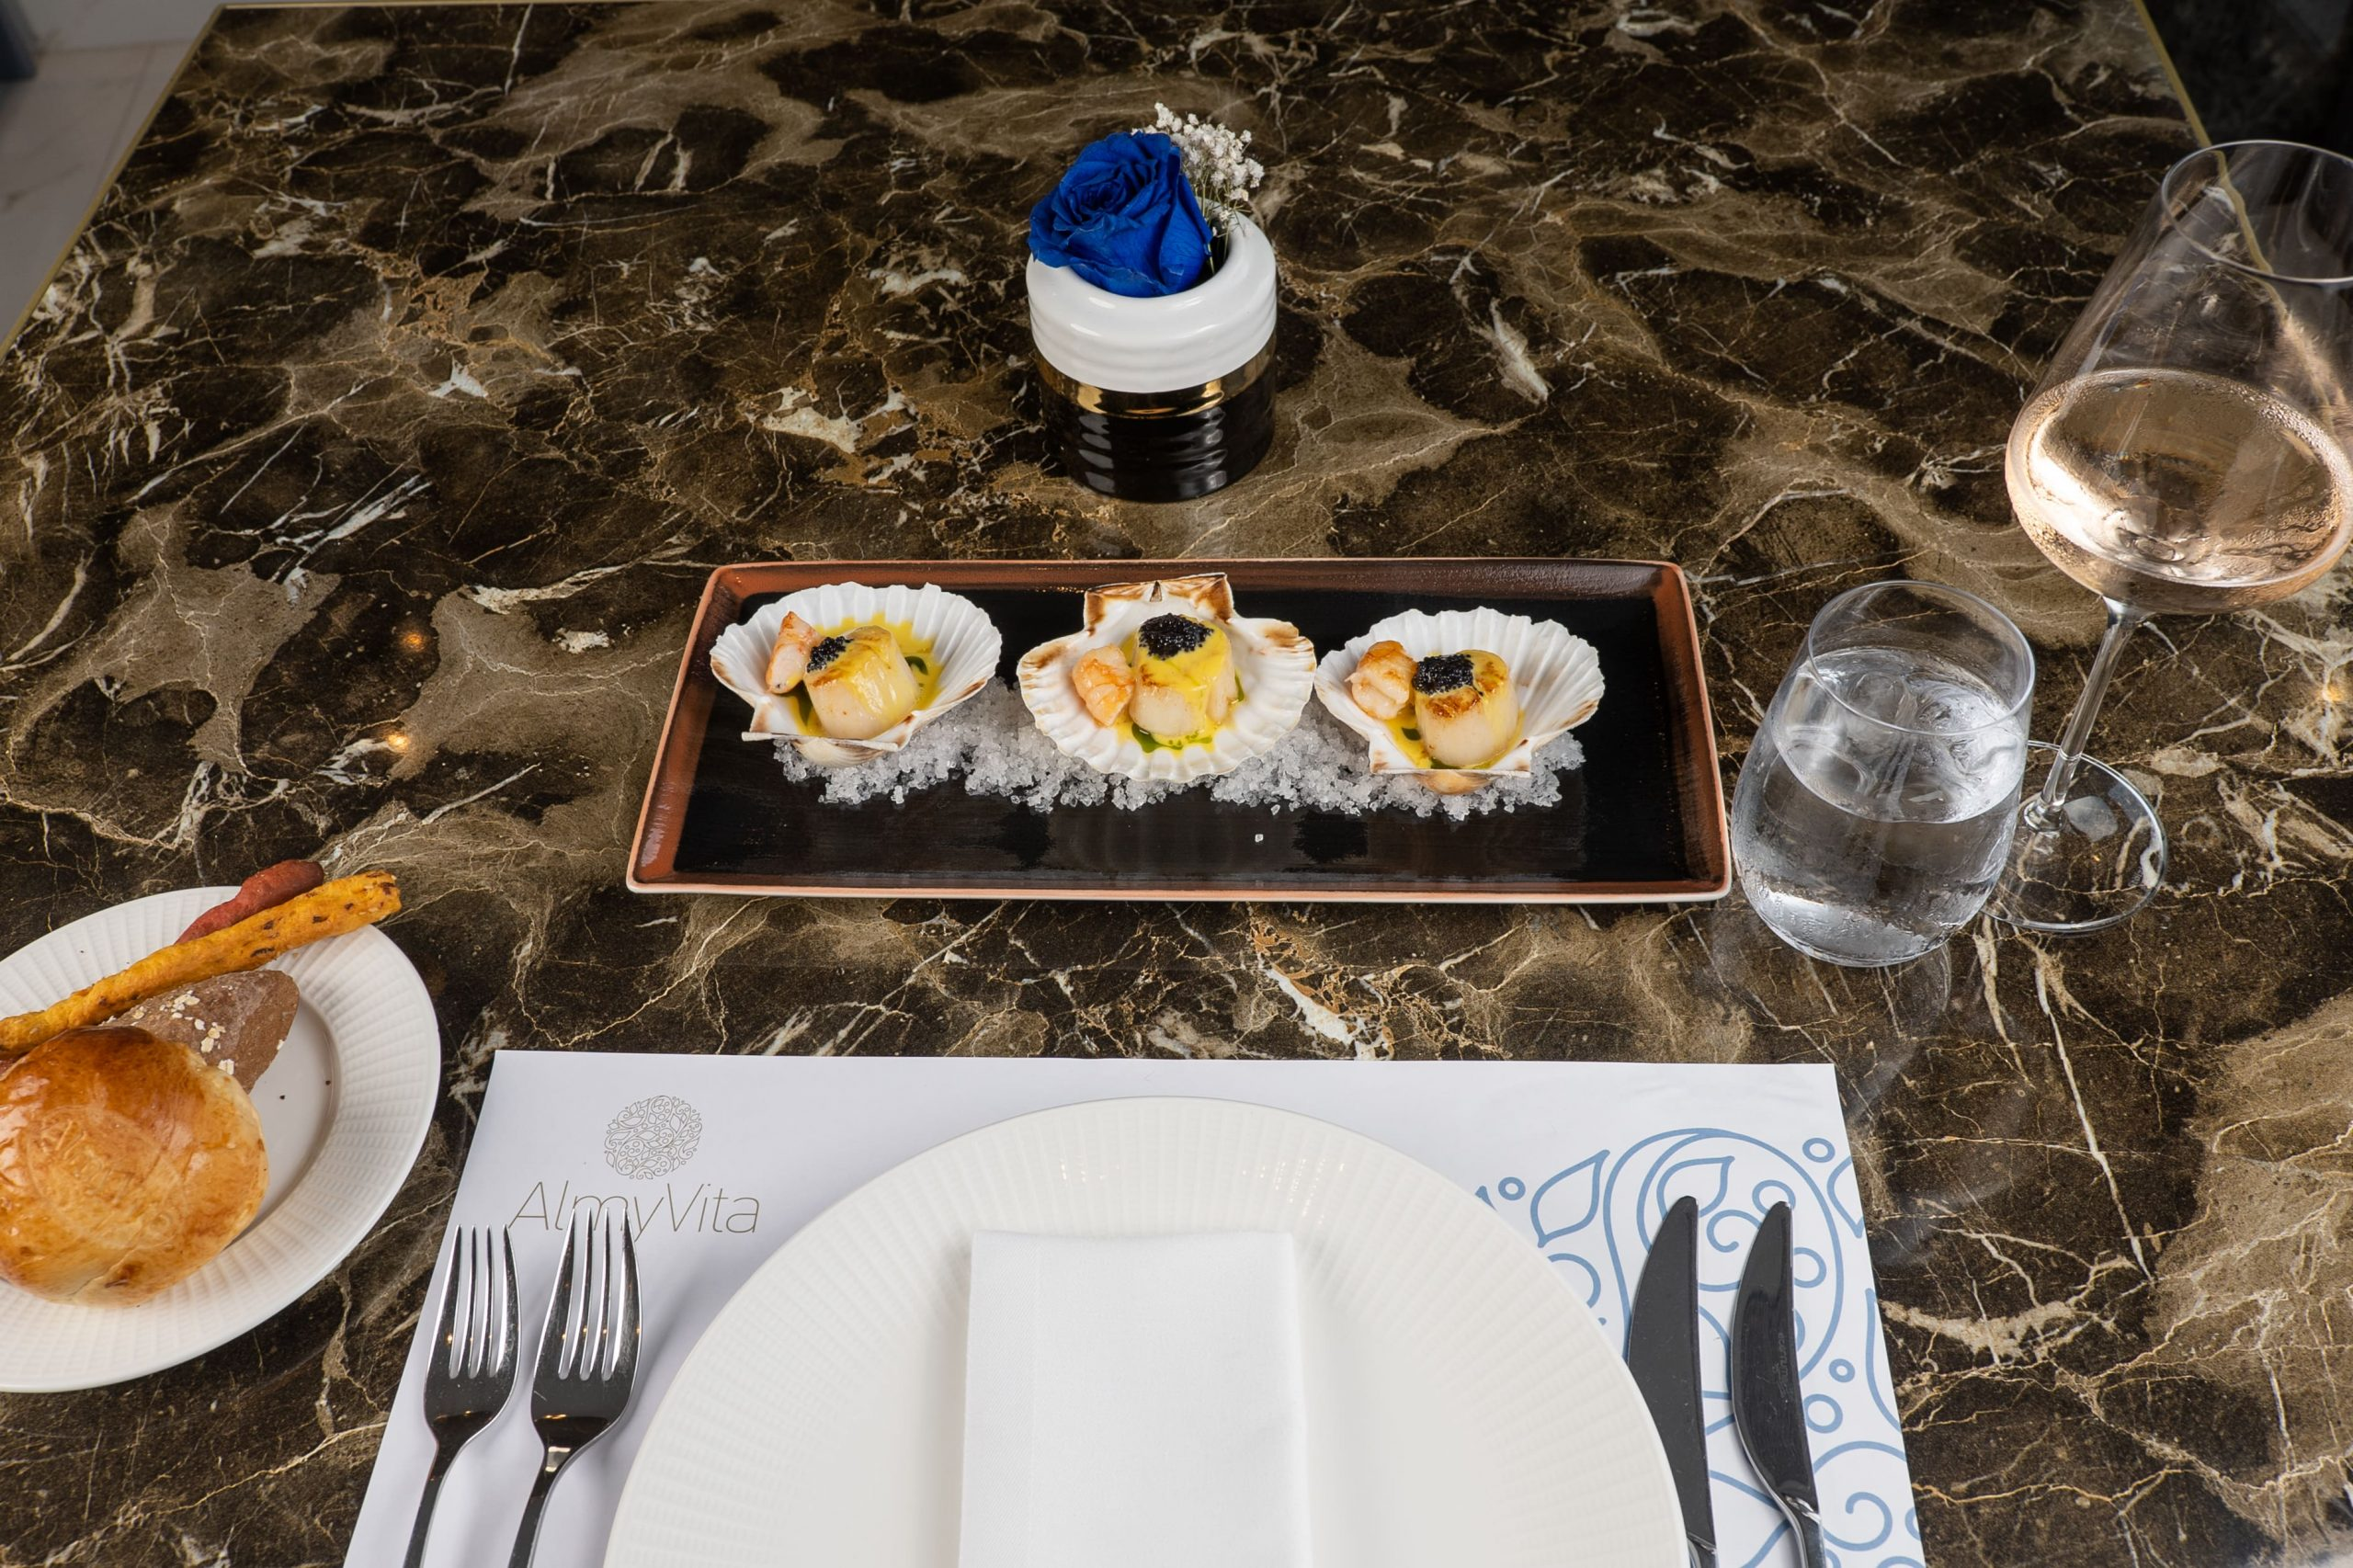 Γκουρμέ Εστιατόρια Χανιά- Γκουρμέ Εστιατόρια στα Χανιά- Εστιατόρια Πολυτελείας στα Χανιά- Πολυτελή εστιατόρια χανιά- εστιατόρια με θέα χανιά